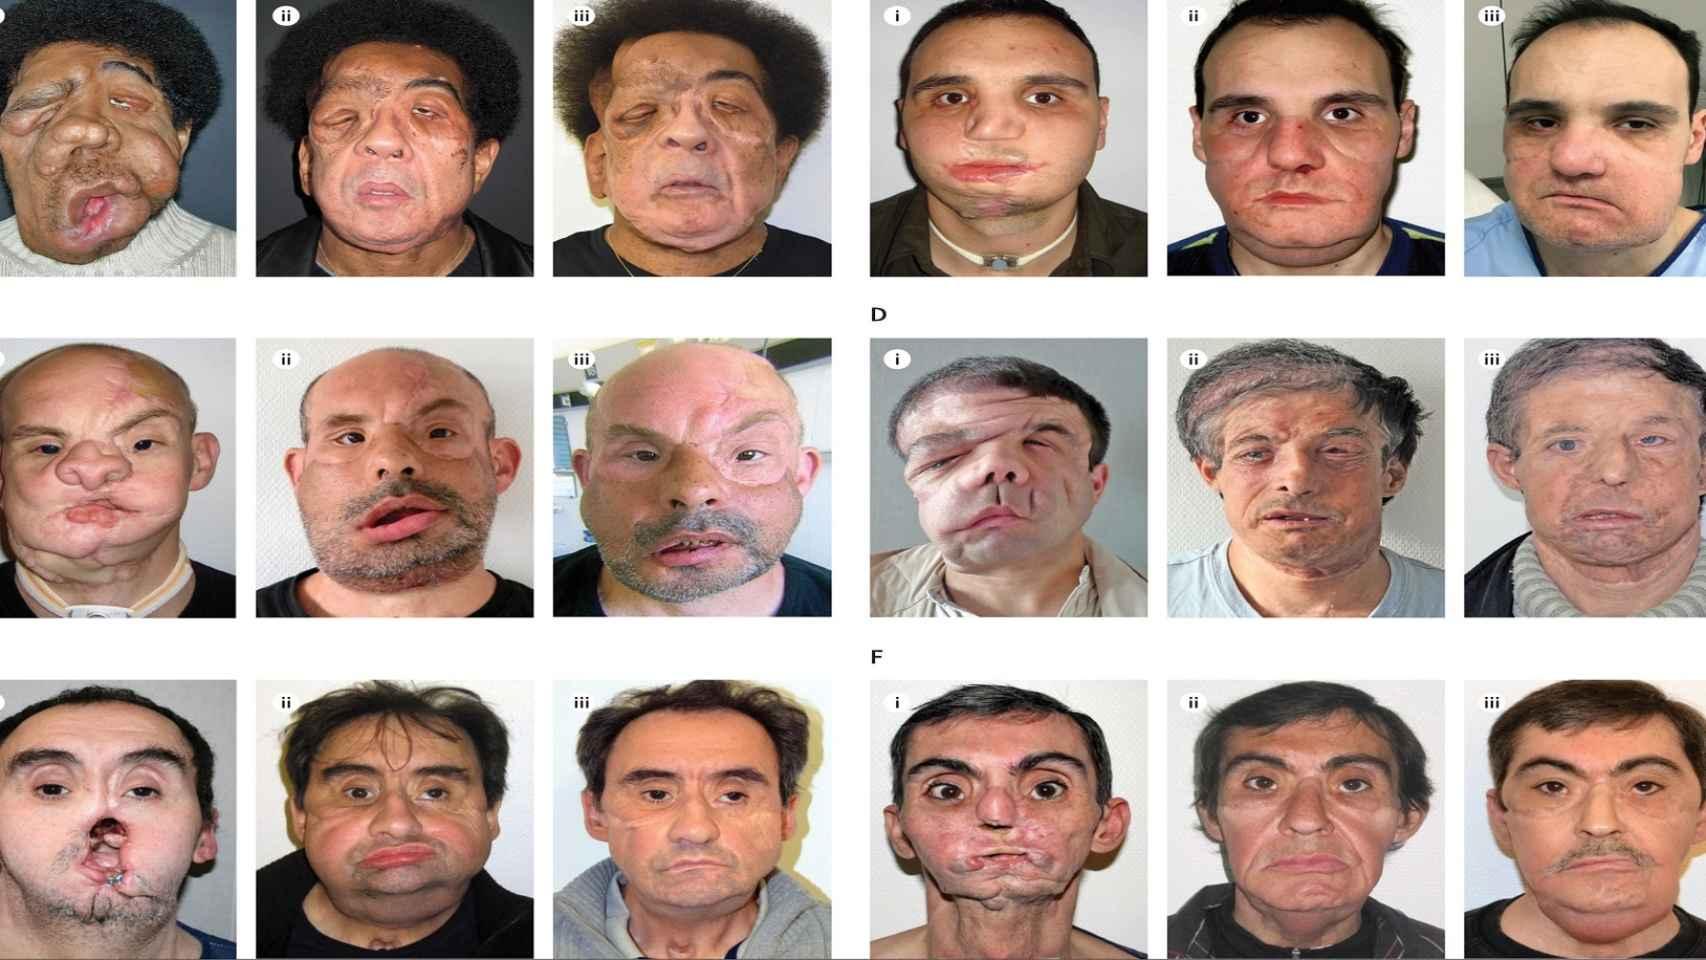 Algunos ejemplos de trasplantes de cara